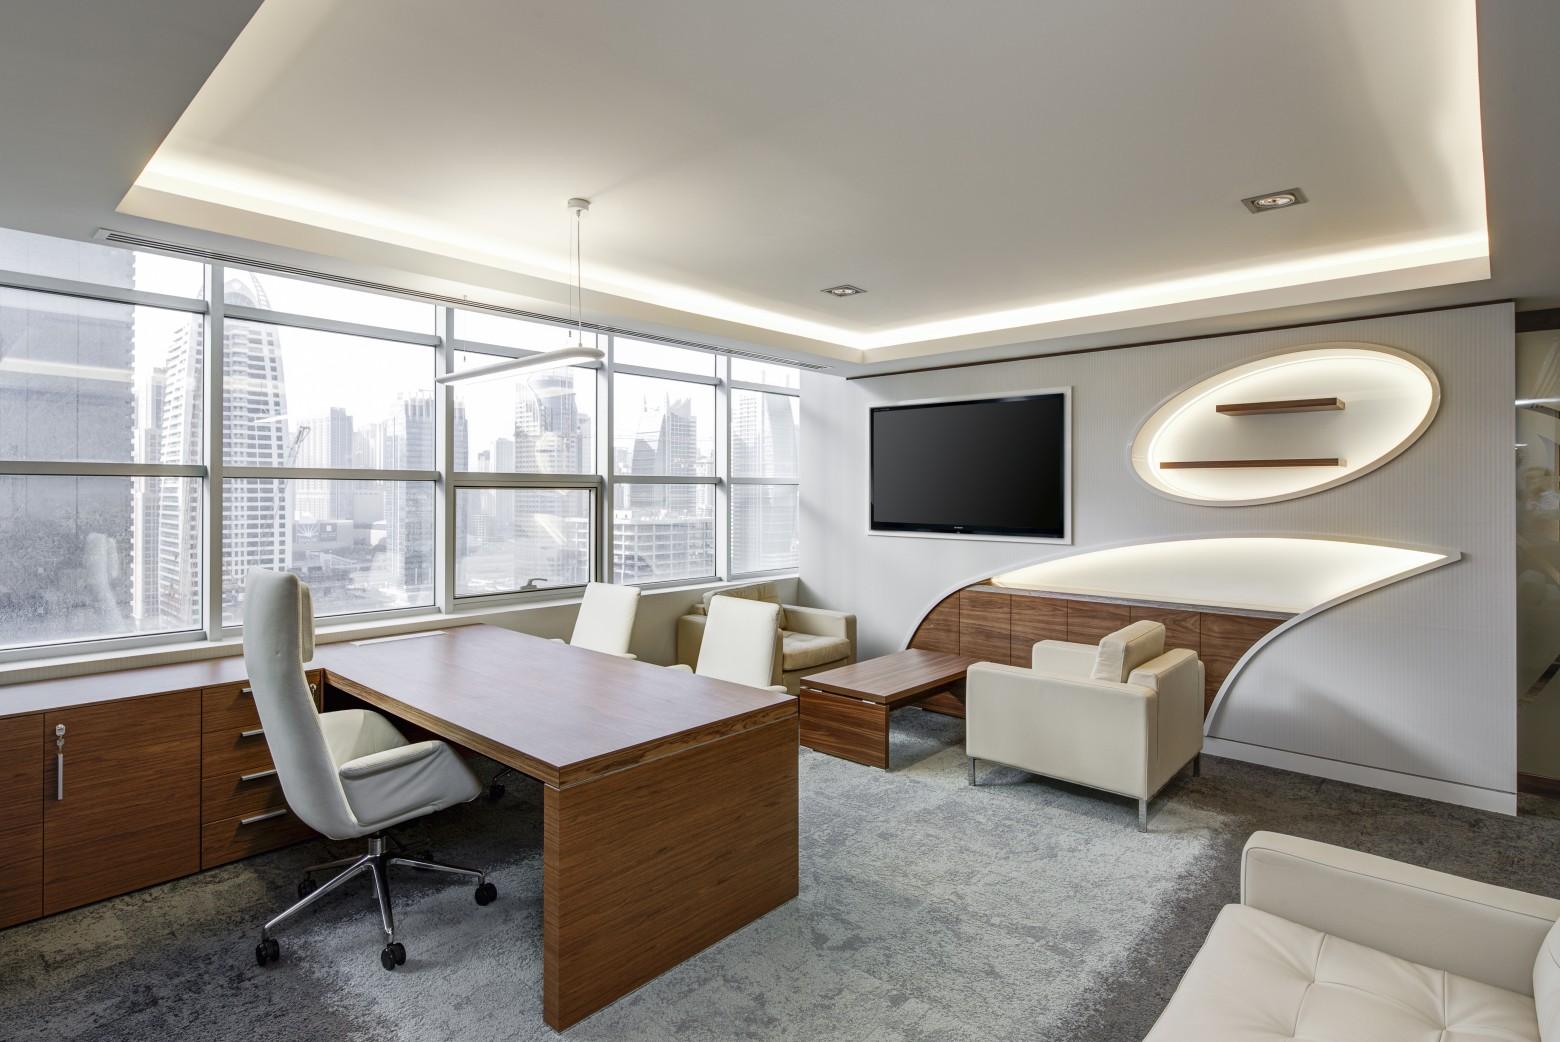 Architecture intérieure entreprise bureau de travail images photos